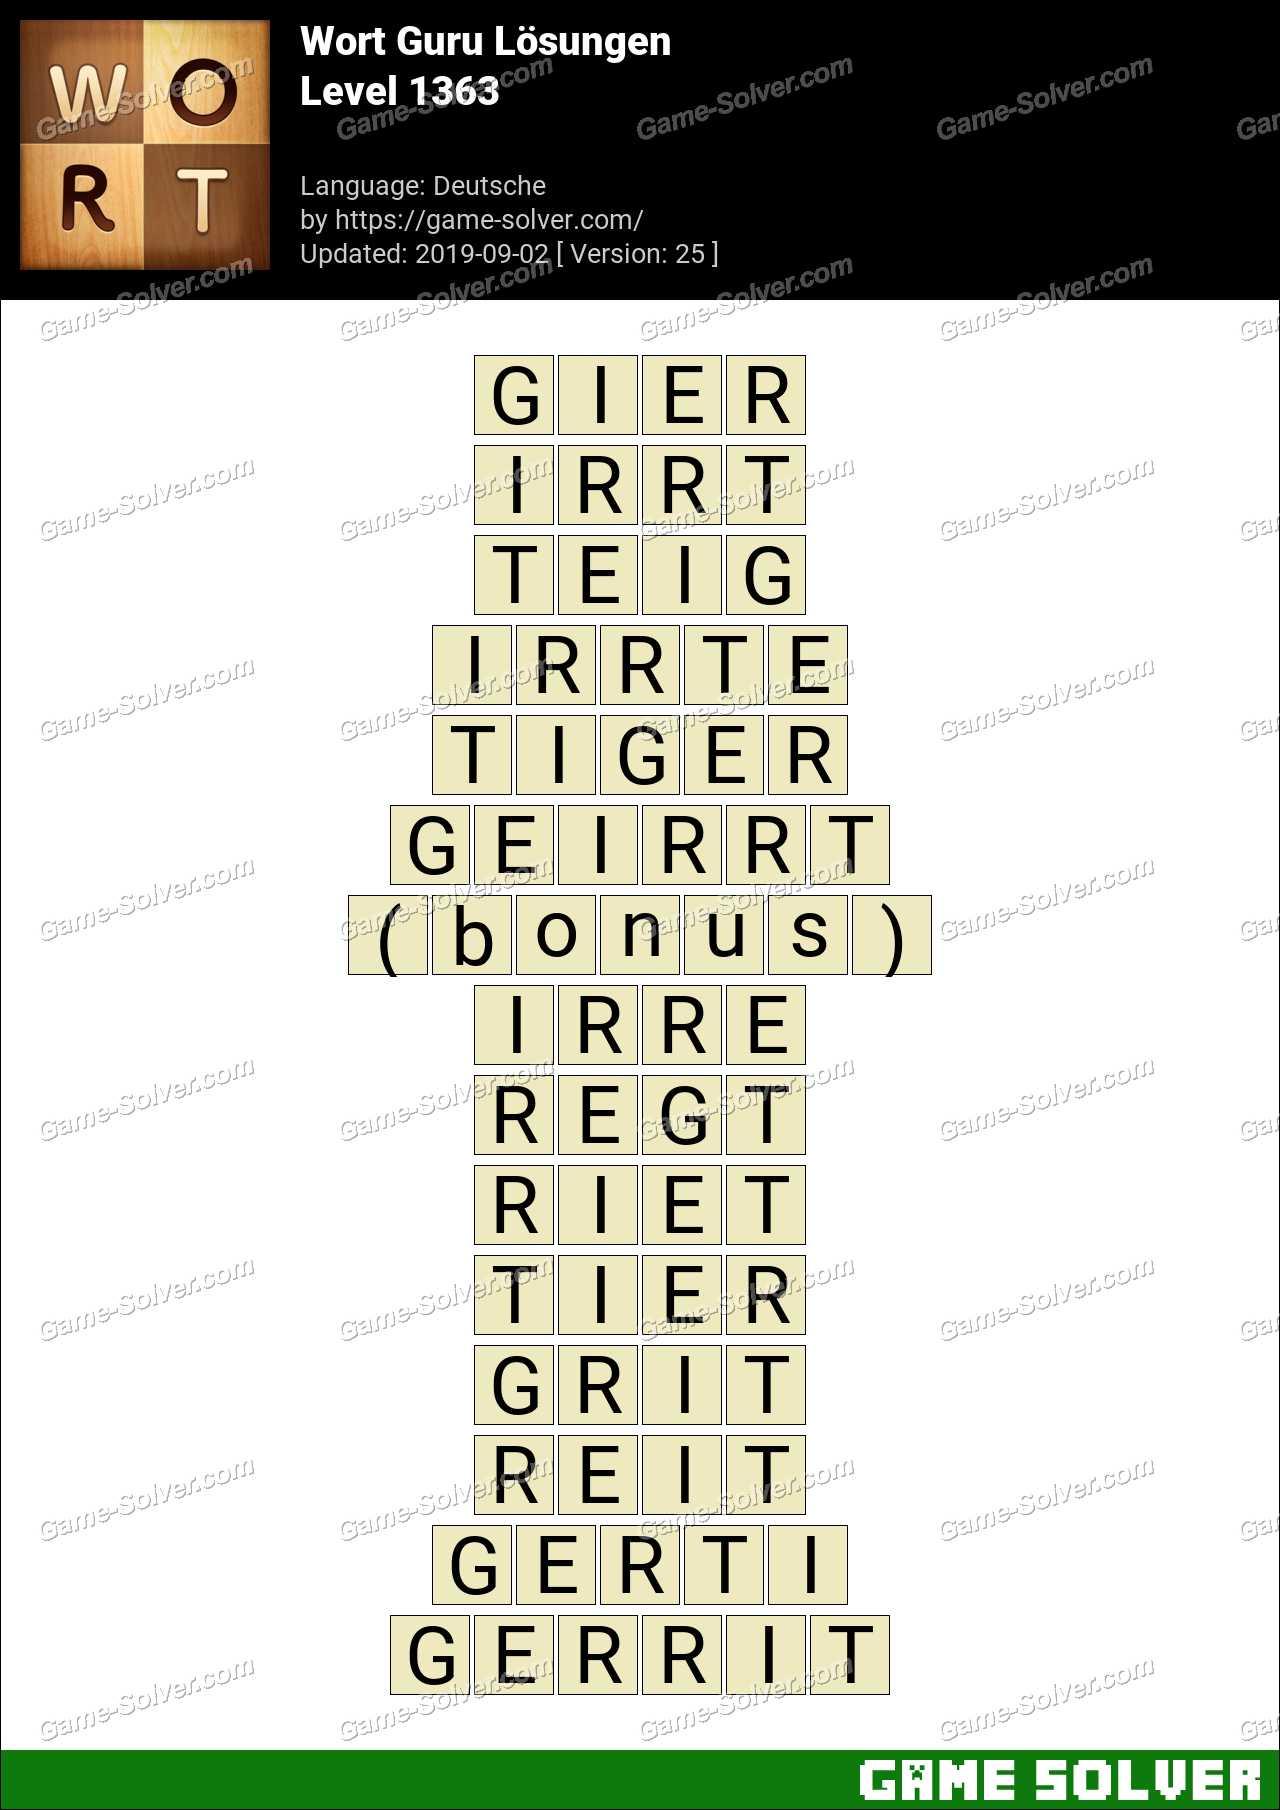 Wort Guru Level 1331